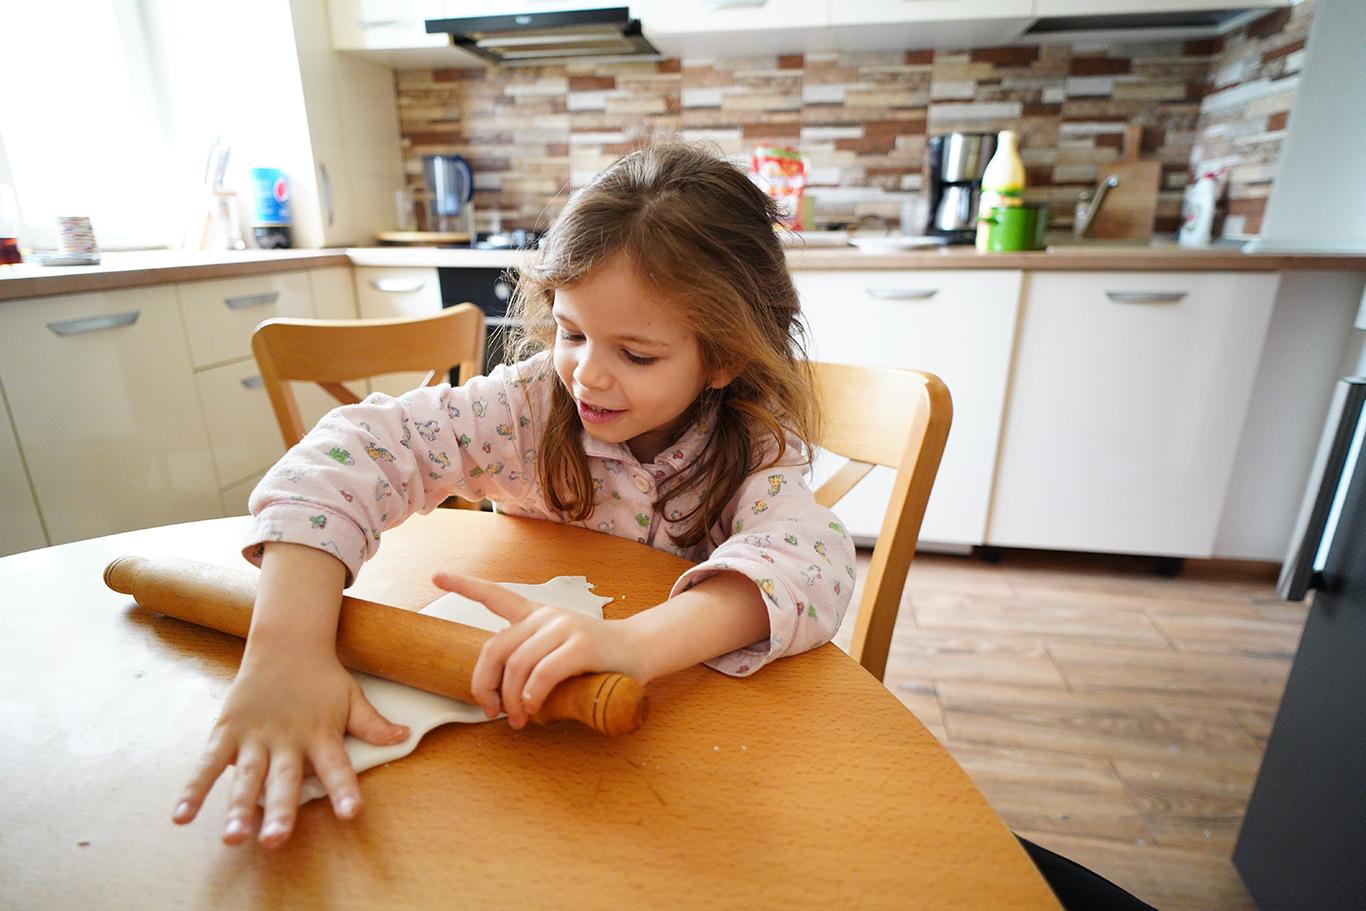 Ajutorul copiilor in bucatarie - jurnal de familie